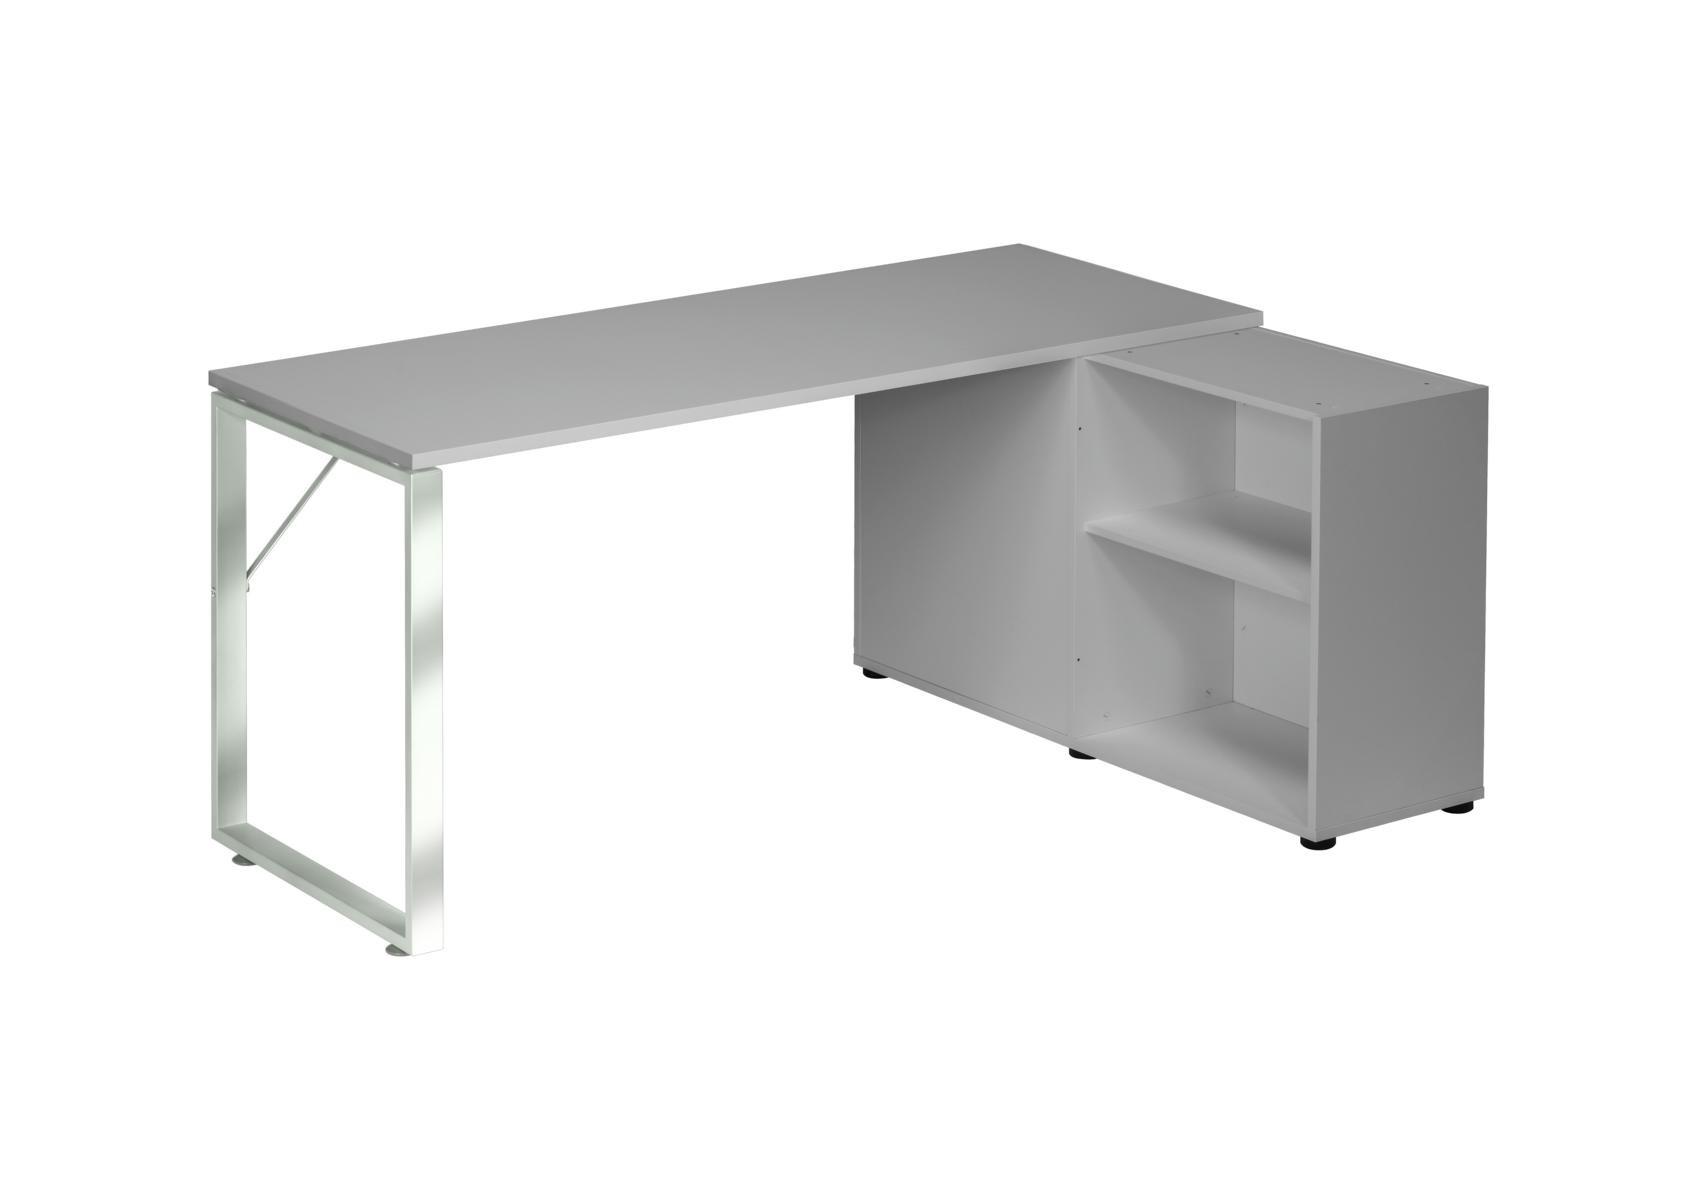 Schreibtisch Computertisch Modmj236 Metall Chrom Platingrau